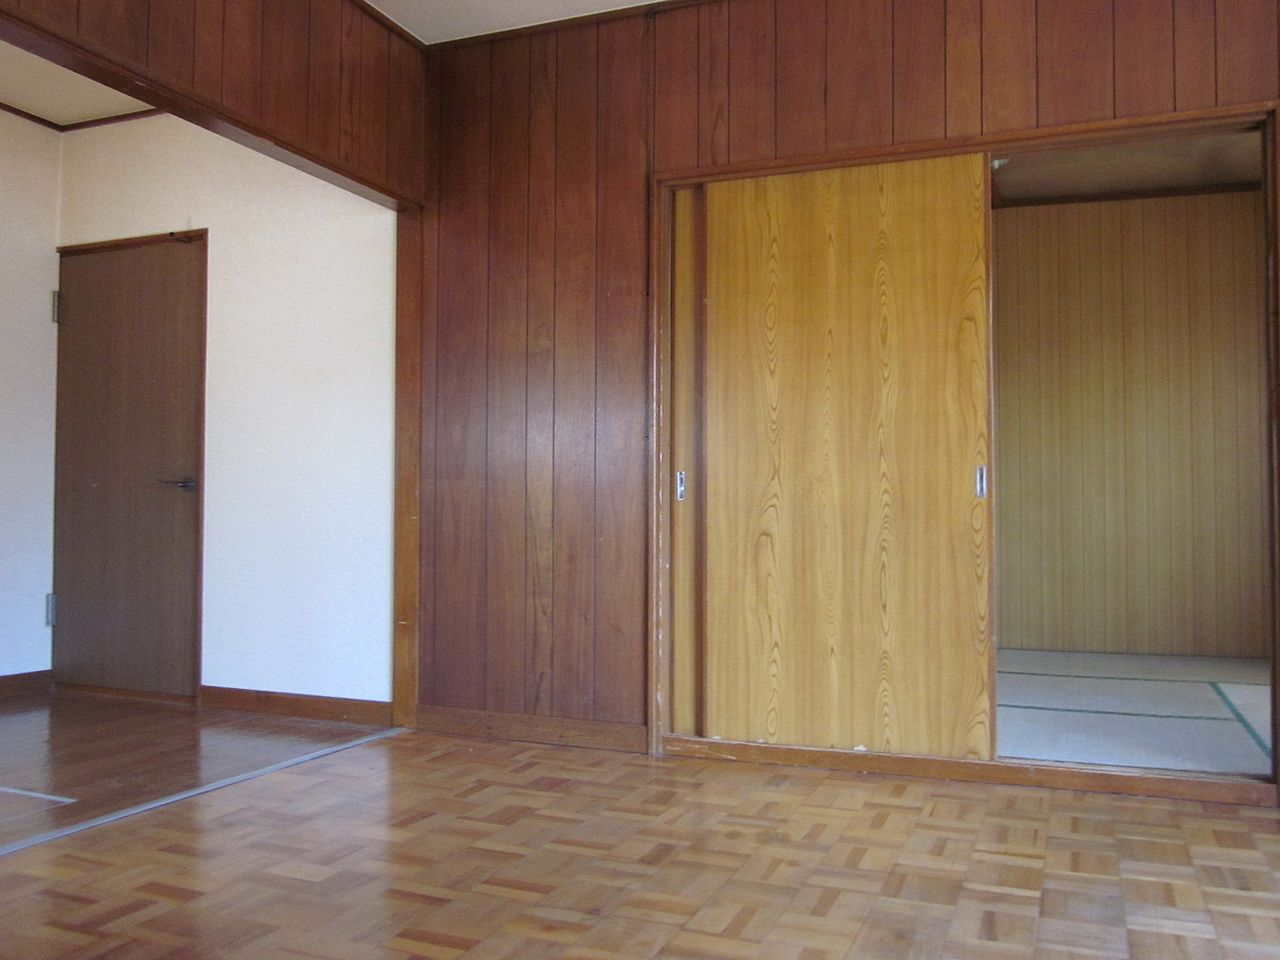 恵庭市有明町 周辺環境充実の平屋一戸建てのご紹介です!